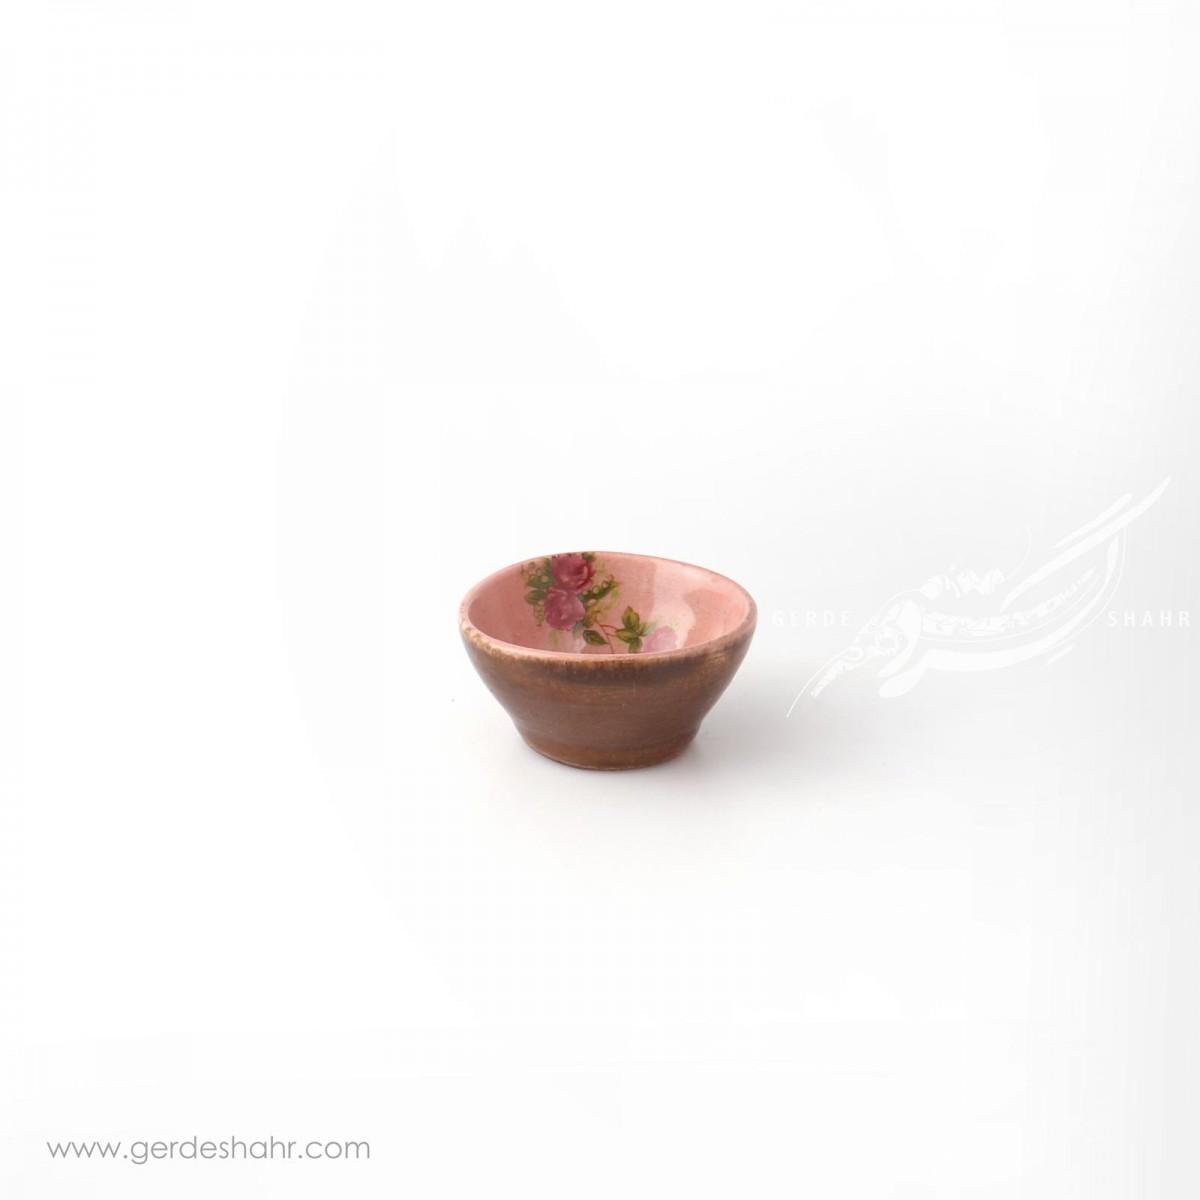 کاسه خیلی کوچک صورتی با گل قرمز سایز7 ماه فروز محصولات